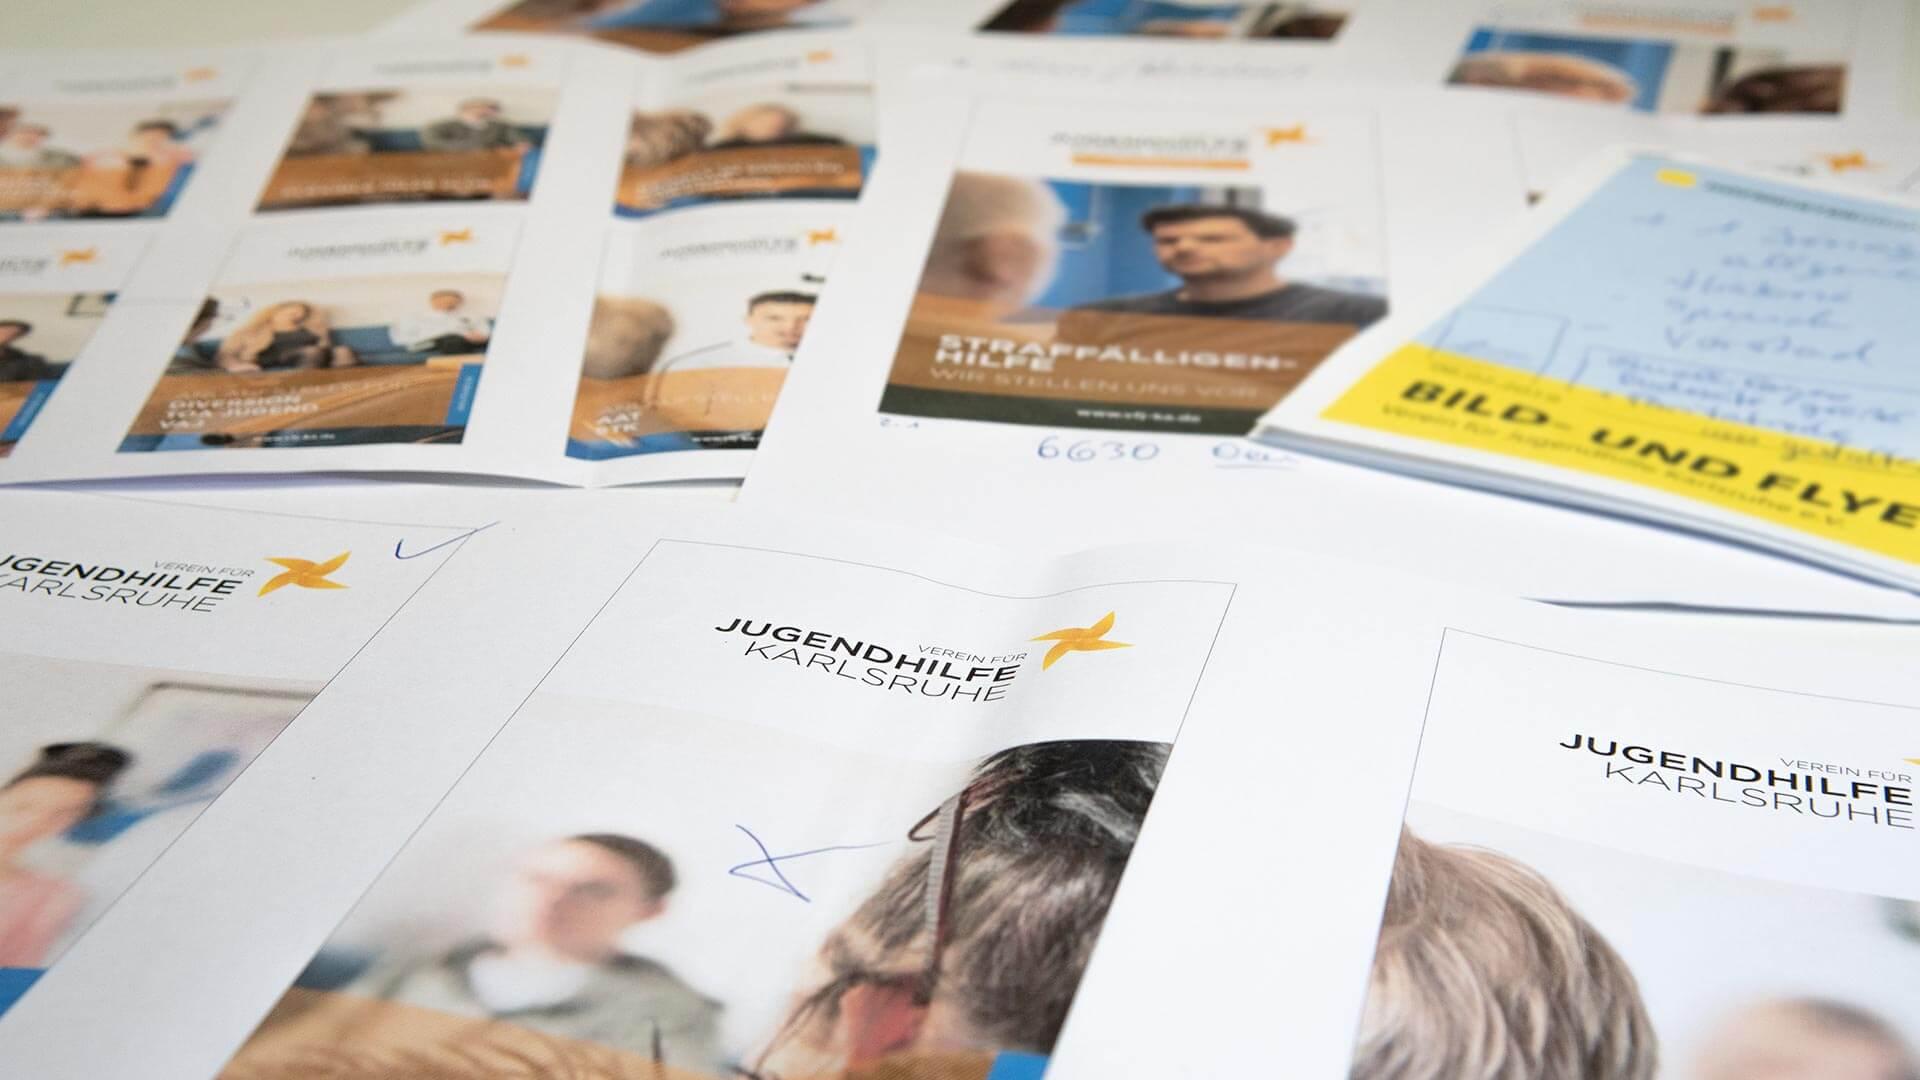 Verein für Jugendhilfe Karlsruhe e.V. Folder Flyer Projektplanung